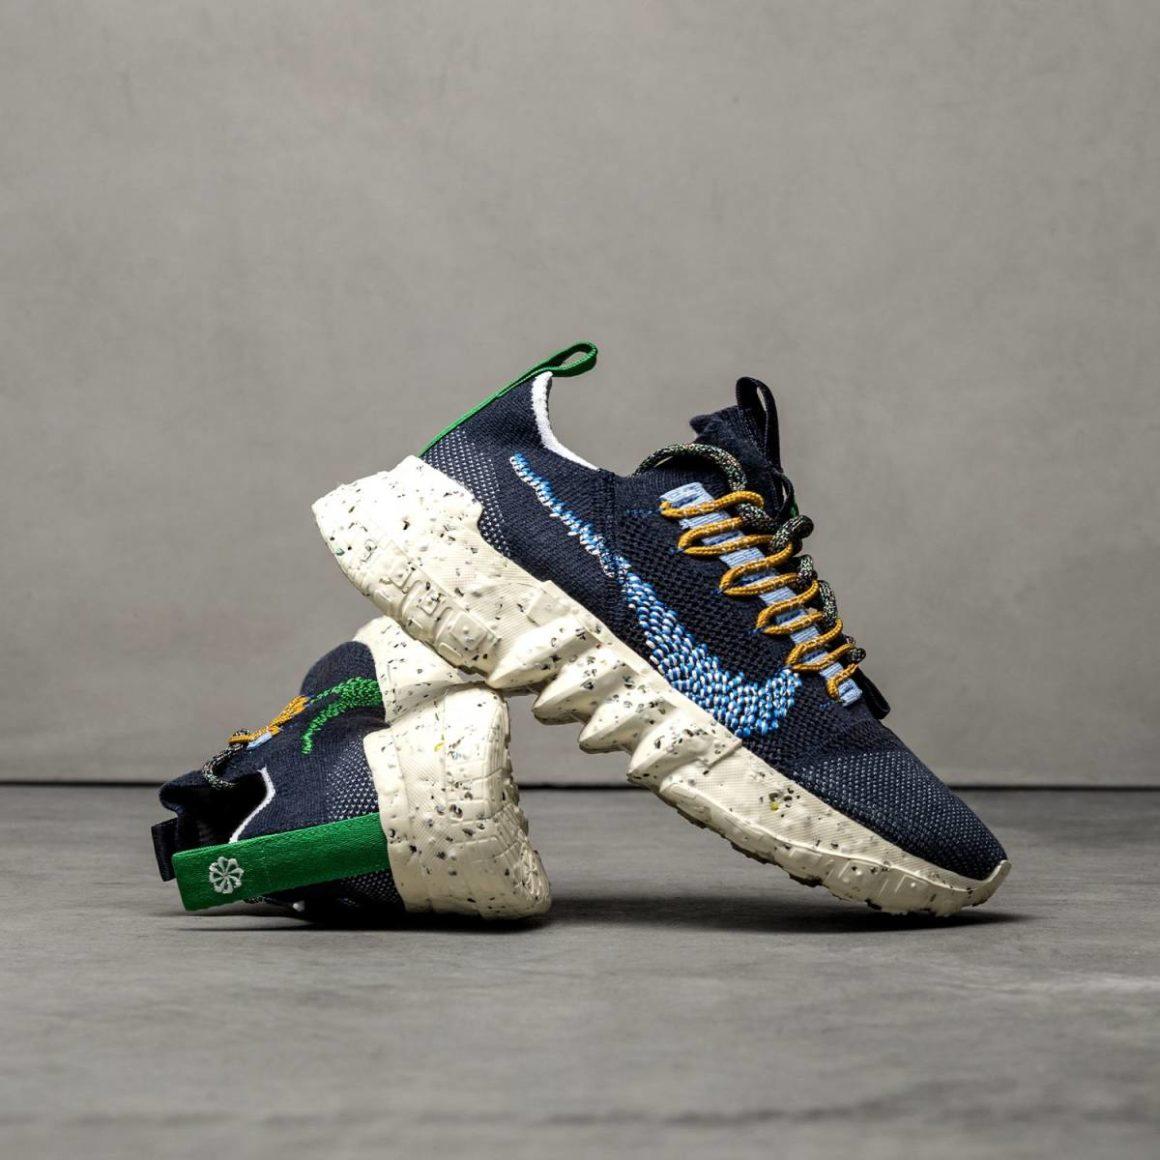 nike-space-hippie-01-dj3056-400-sommer-sneaker-trends-2021-herren